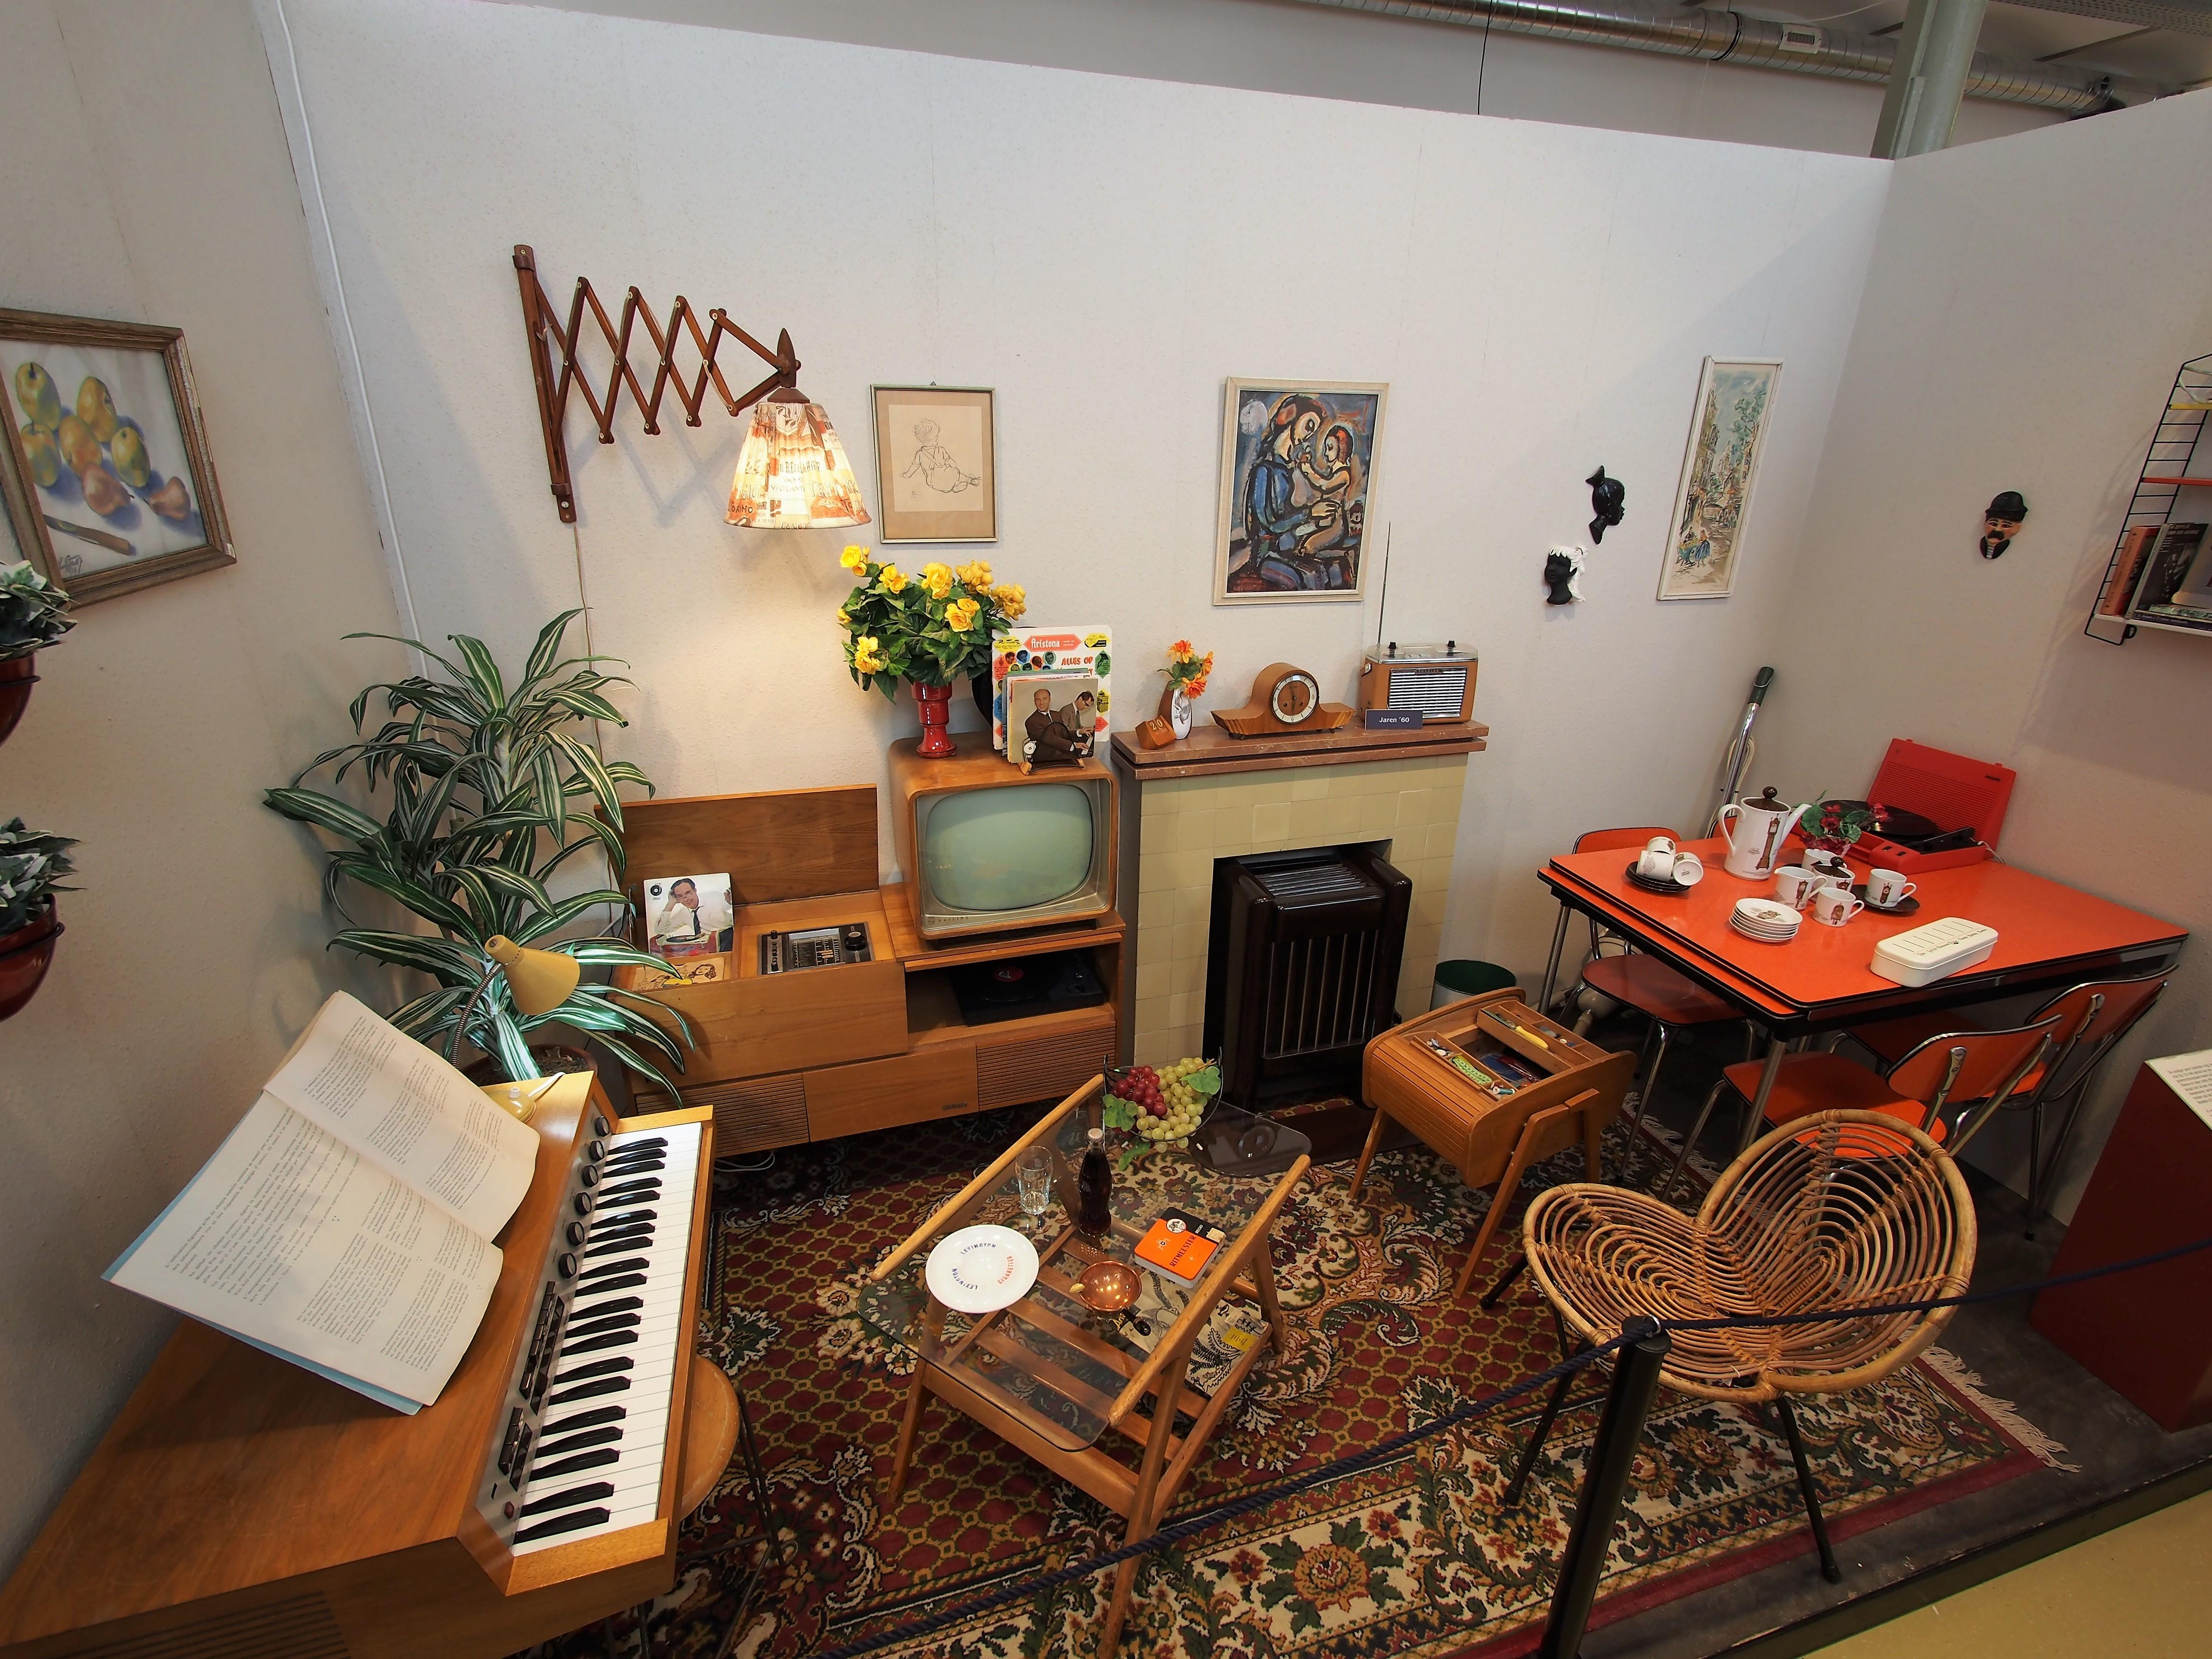 File:Museum van de Twintigste Eeuw, Oude woonkamer jaren 60 foto 1 ...